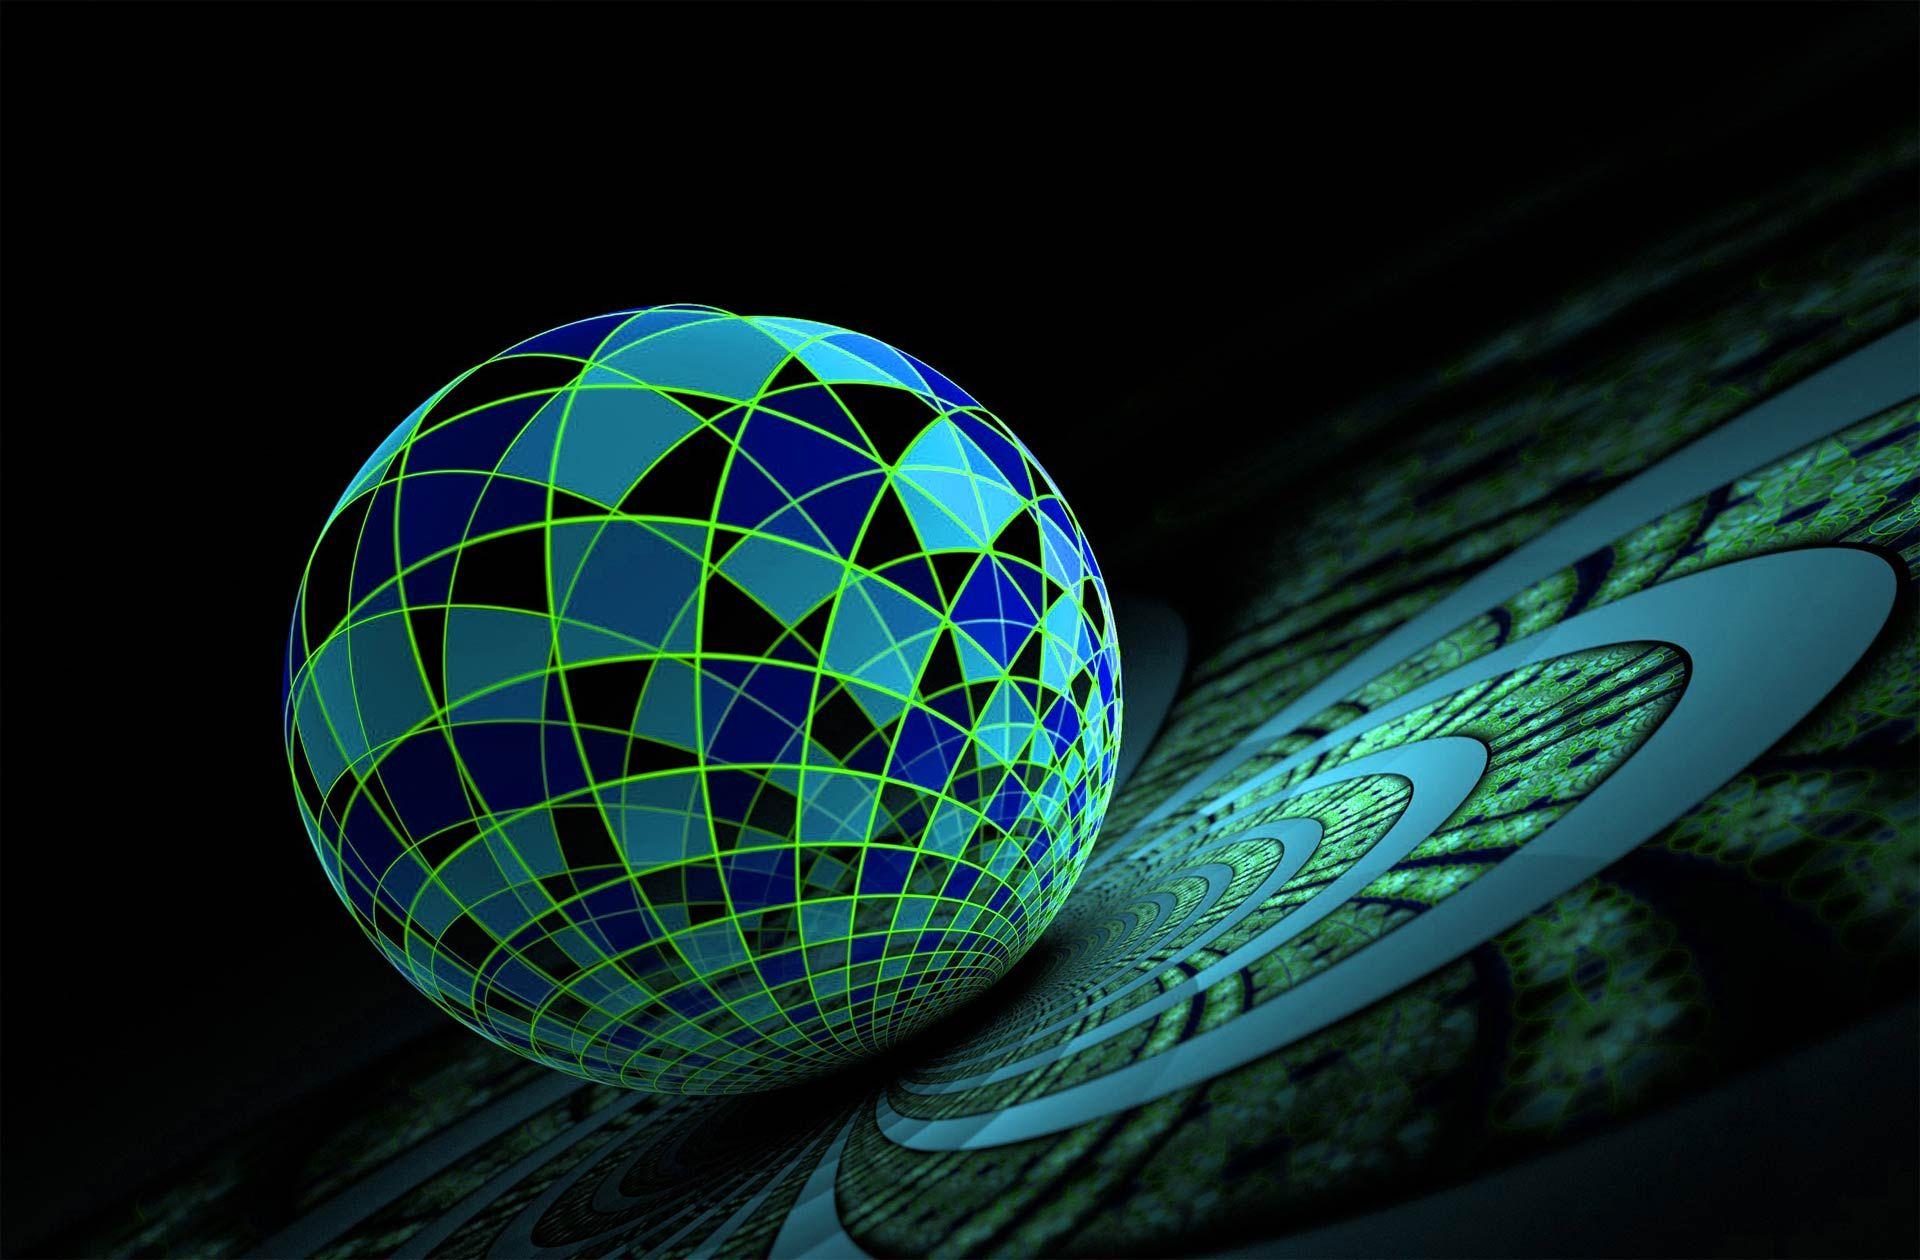 3d Image Live Wallpaper Apk Descargar Descargar Fondo De Pantalla 3d Para Fondo De Pantalla En